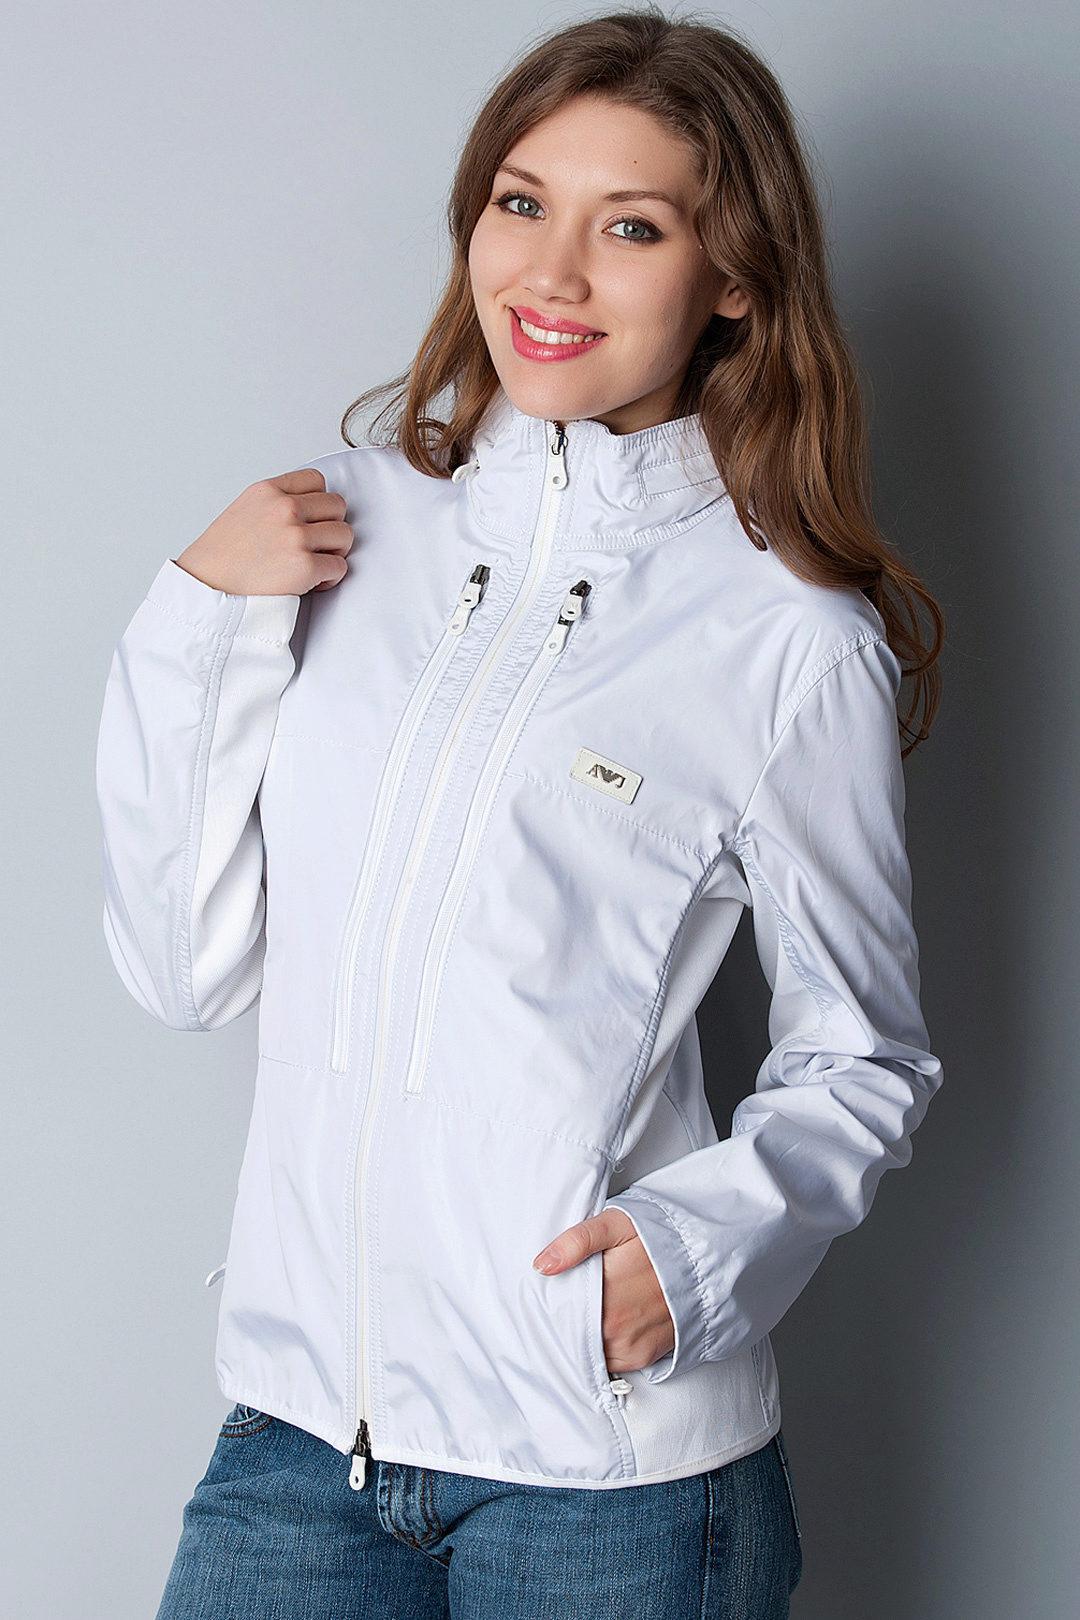 8374033e Однако сегодняшние модные тенденции говорят о том, что красивая, стильная  ветровка должна быть в гардеробе каждой современной женщины.